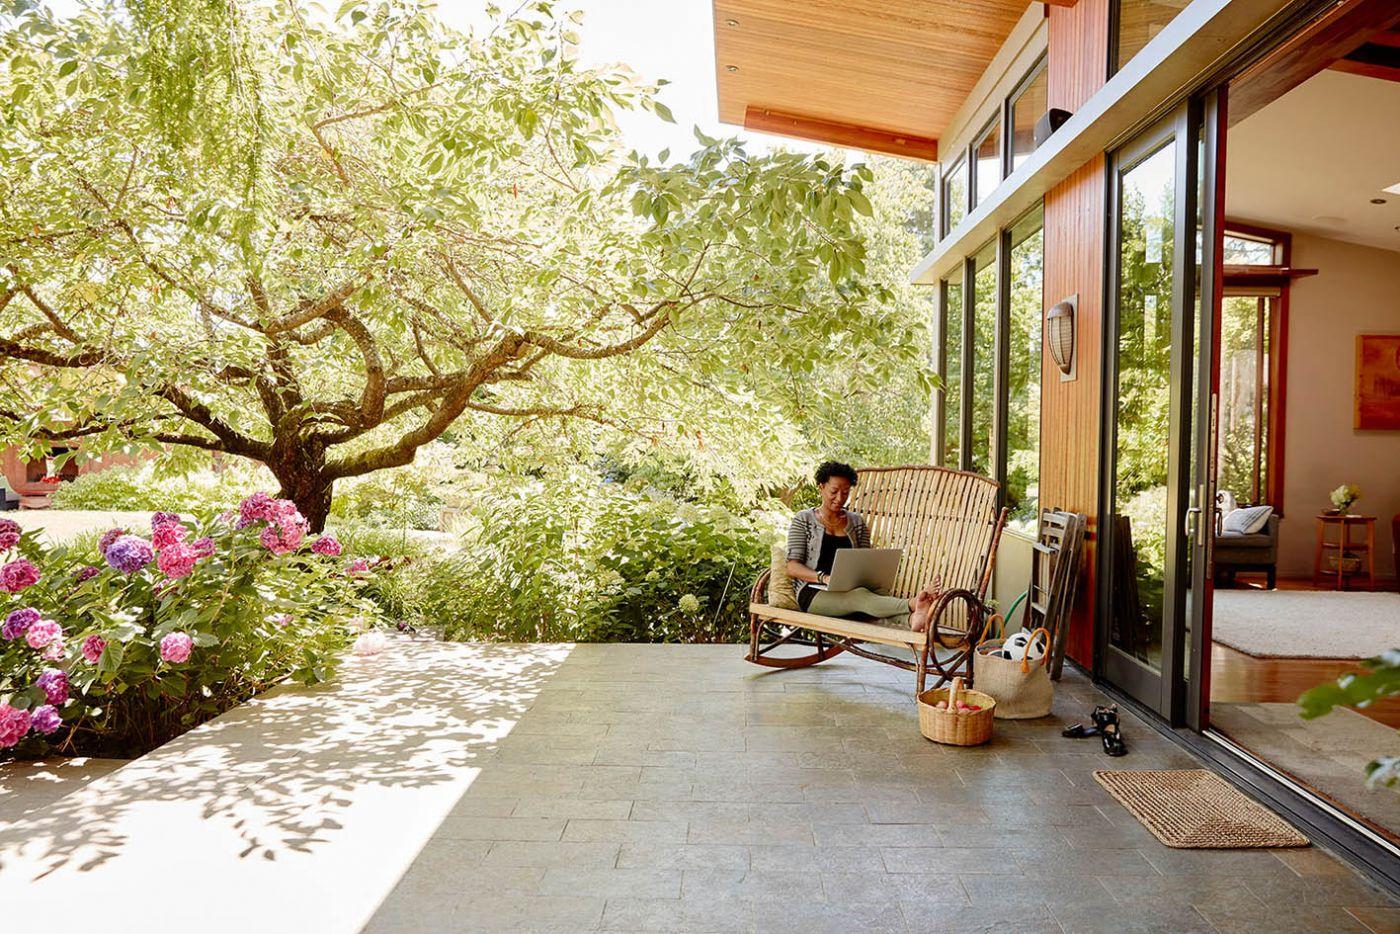 ค้นหาผู้โชคดี 12 คนร่วมโปรแกรม  Live Anywhere On Airbnb  อยู่ที่ไหนก็ได้ทั่วโลกเป็นเวลาหนึ่งปี